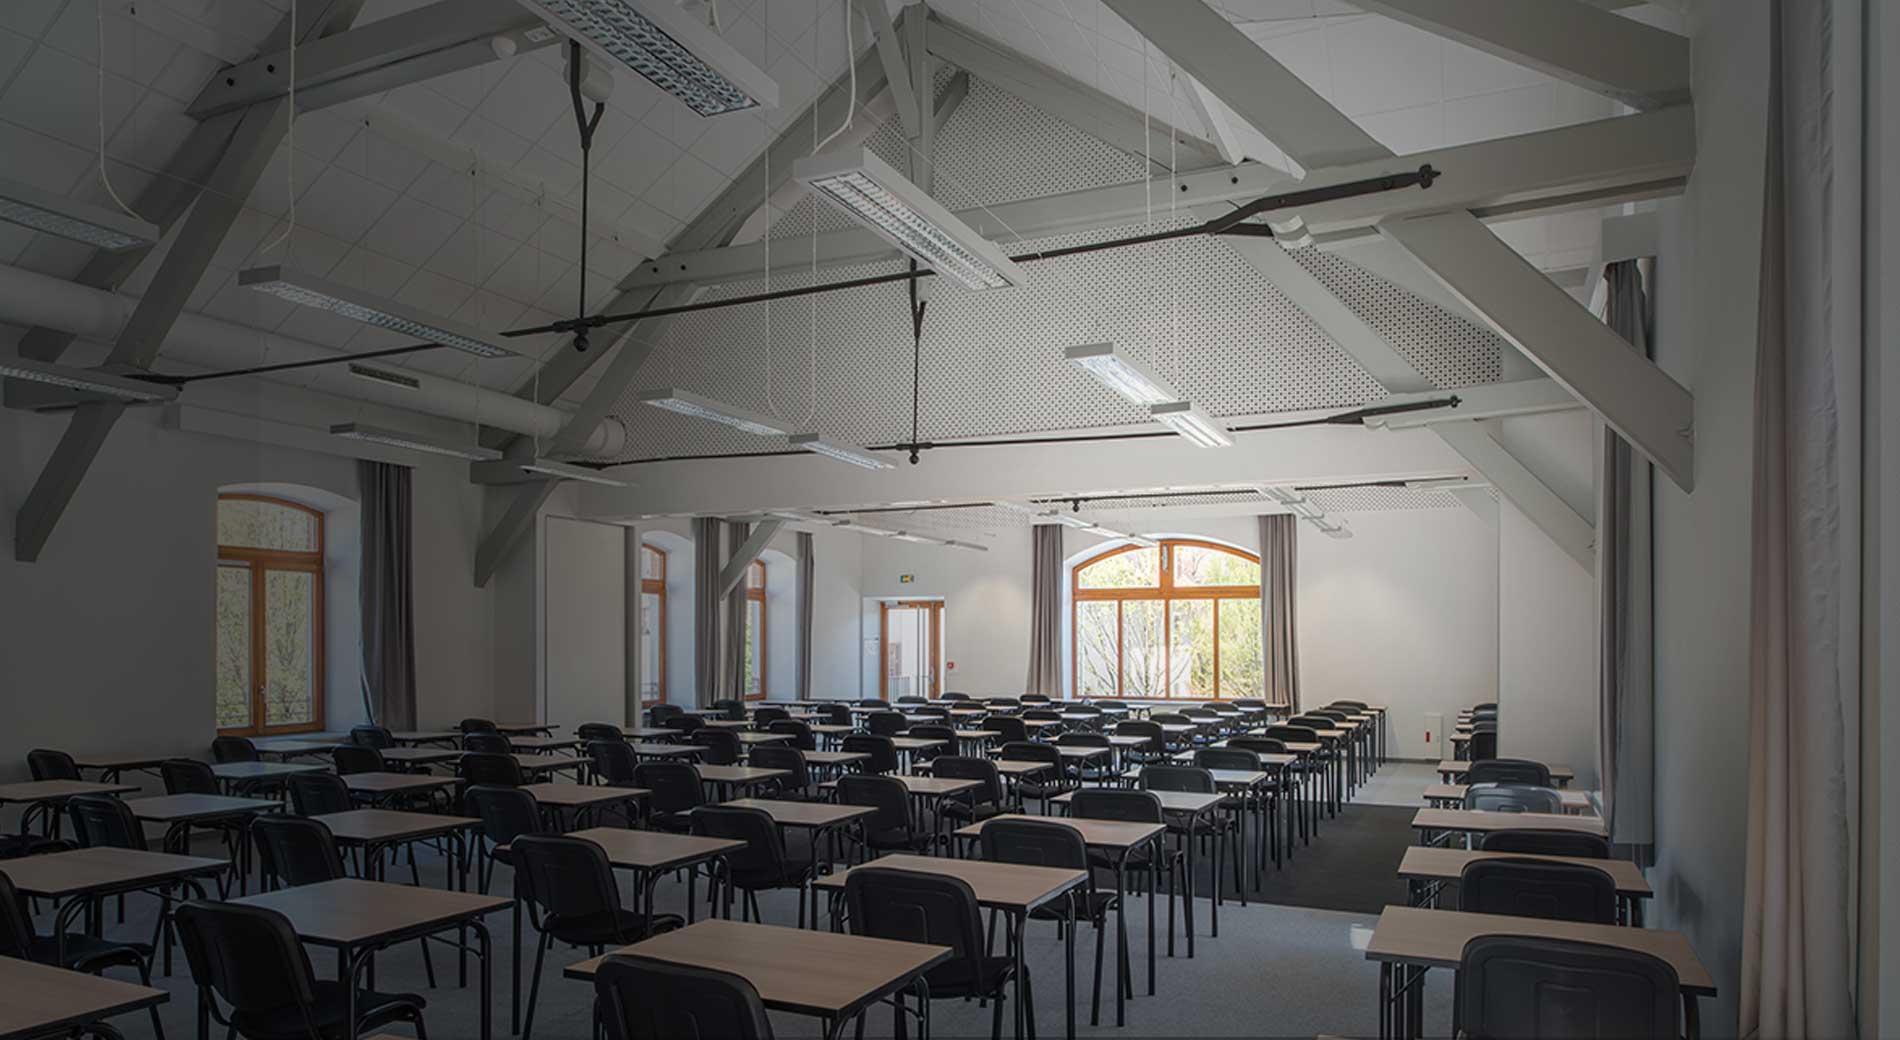 Rénovation salle de classe